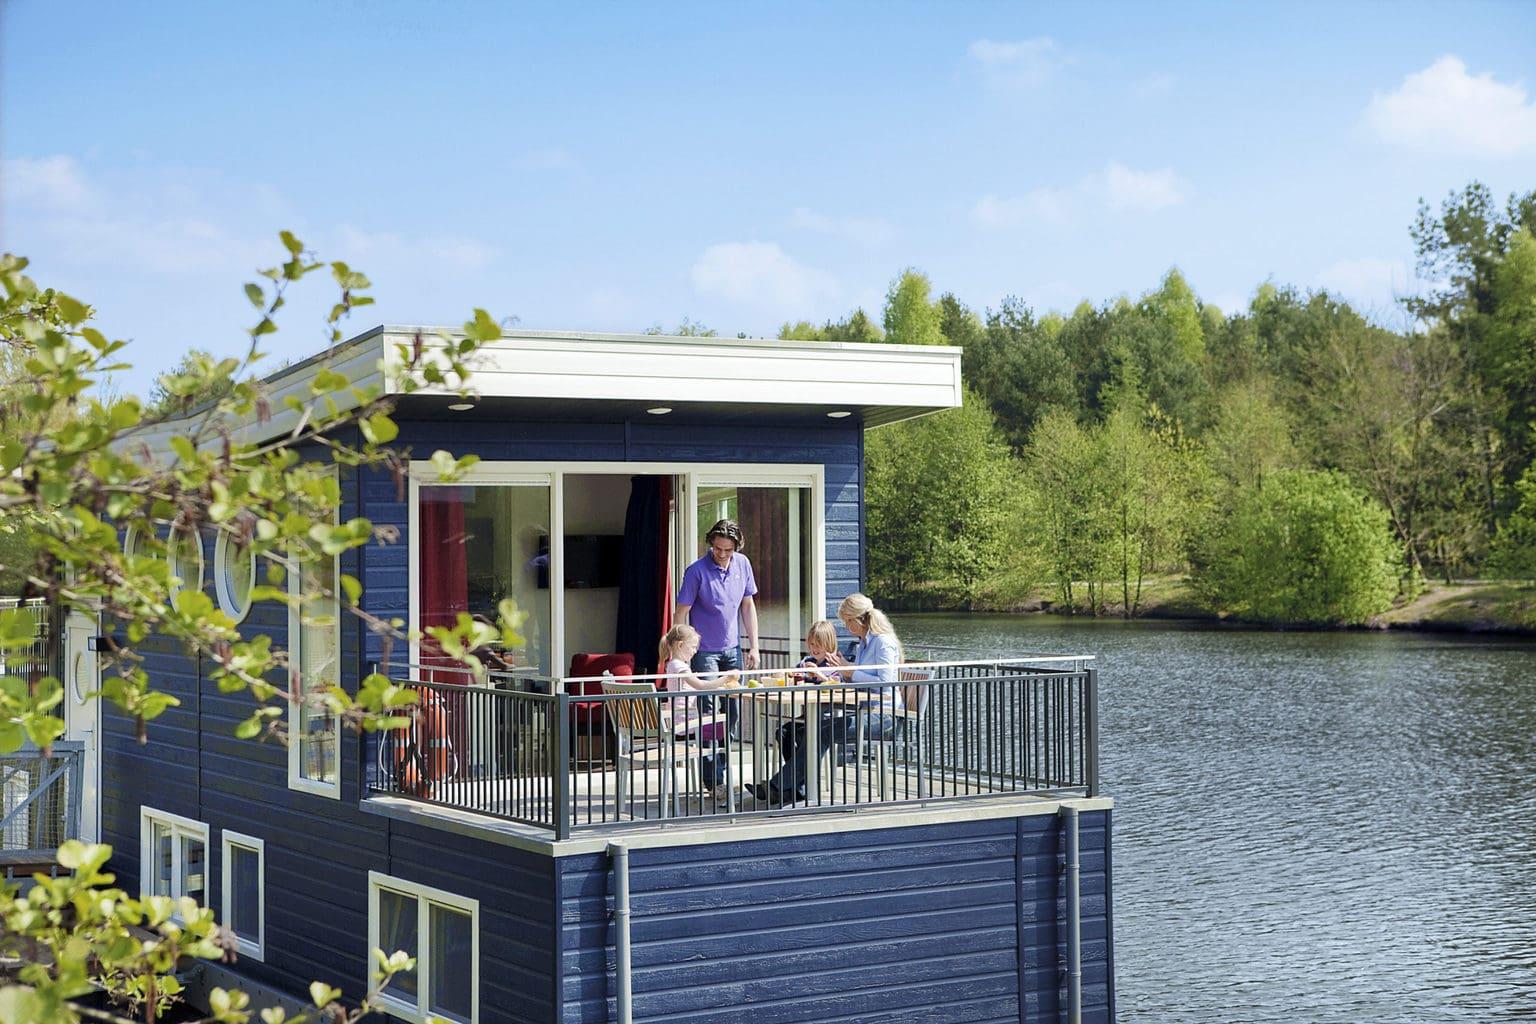 Drijvend huisboot in Center Parks Bispinger Heide met familie op het terras